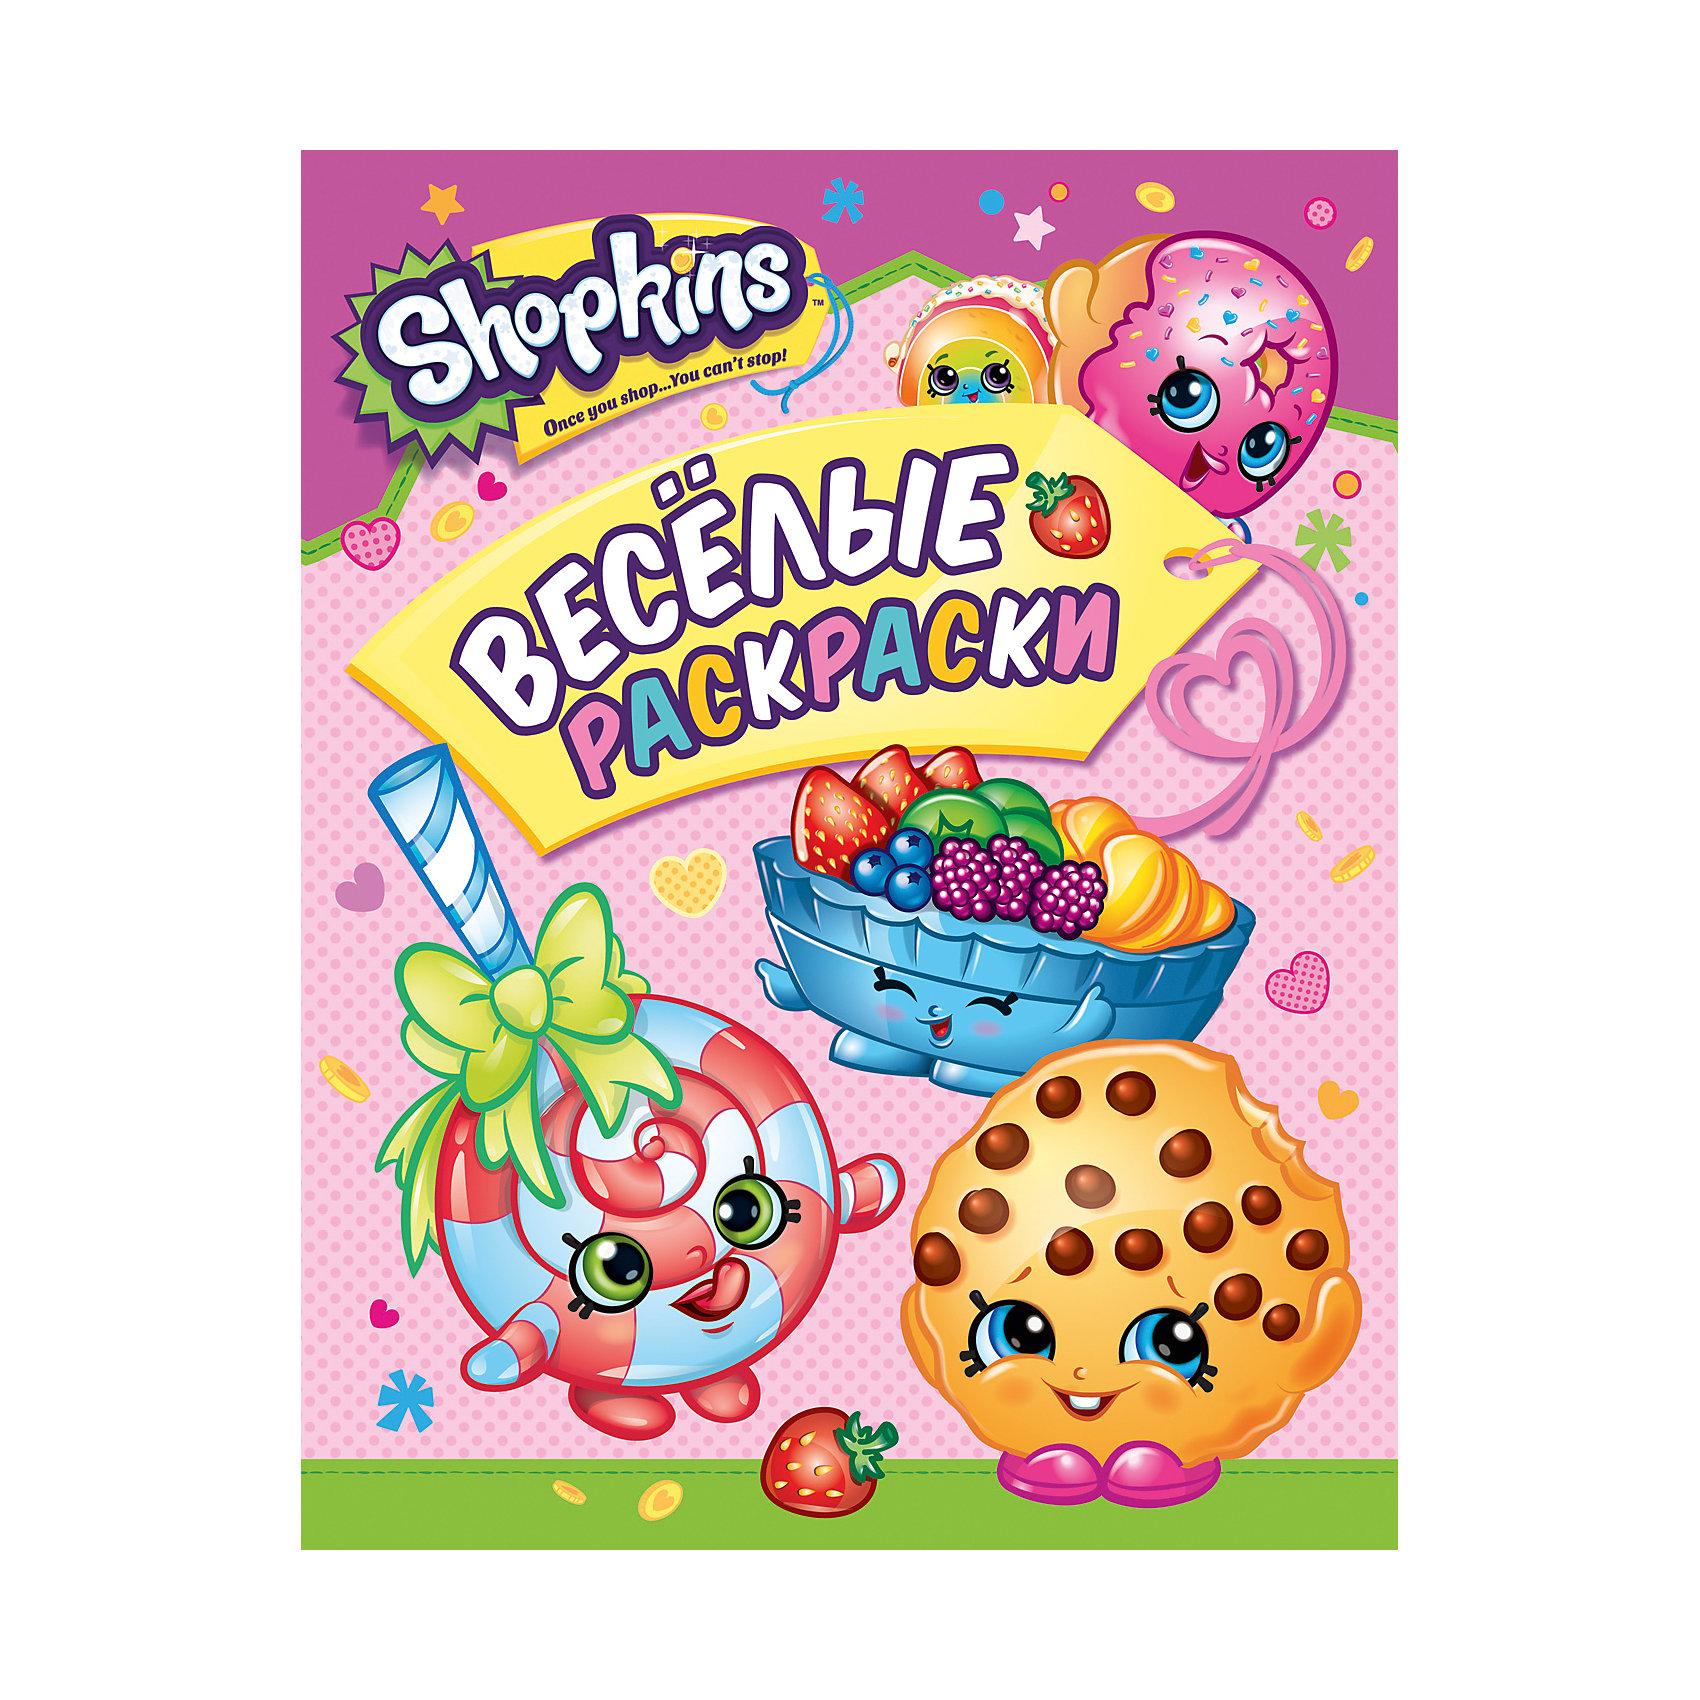 Веселые раскраски, цвет розовый, ShopkinsДобро пожаловать в веселую компанию Шопкинс! Проведи время с пользой: раскрашивай героев любимого мультсериала и отвечай на вопросы. А если тебе что-то покажется забавным, то смейся от души!&#13;<br>Черно-белая раскраска по мотивам мультика Шопкинс на каждой странице содержит вопросы и задания для развития внимания, мышления и речи малыша.<br><br>Ширина мм: 275<br>Глубина мм: 210<br>Высота мм: 20<br>Вес г: 50<br>Возраст от месяцев: -2147483648<br>Возраст до месяцев: 2147483647<br>Пол: Унисекс<br>Возраст: Детский<br>SKU: 5453539